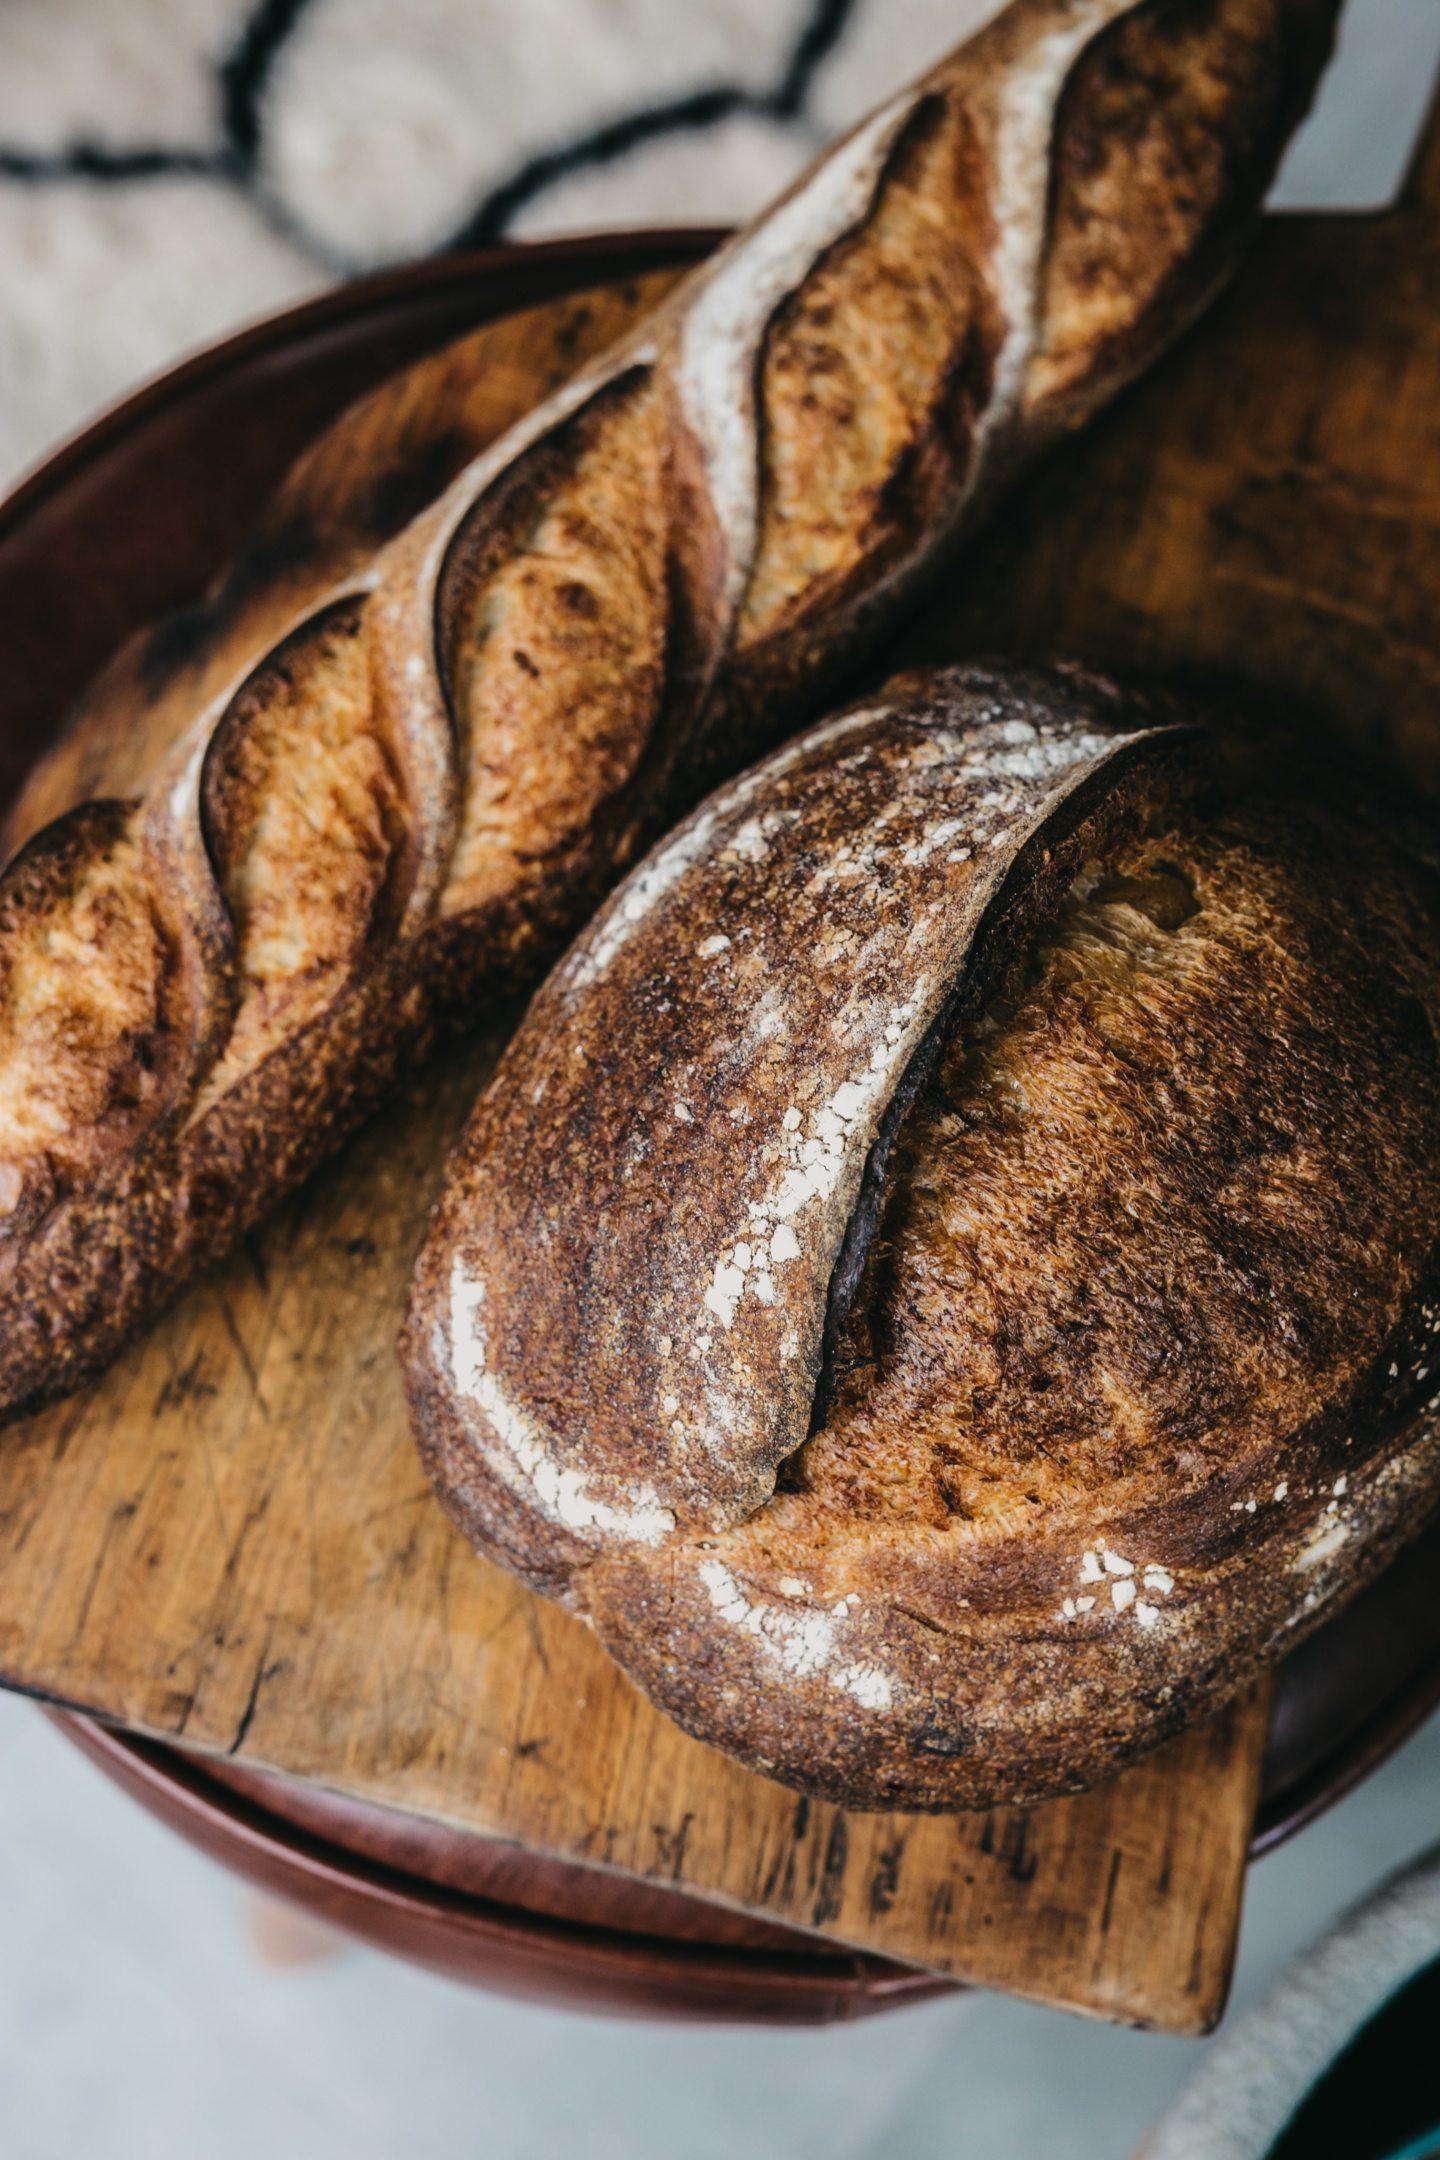 toronto-kitchen-diaries-chef-home-grant-van-gameren-bar-isabel-raval-el-rey-bread